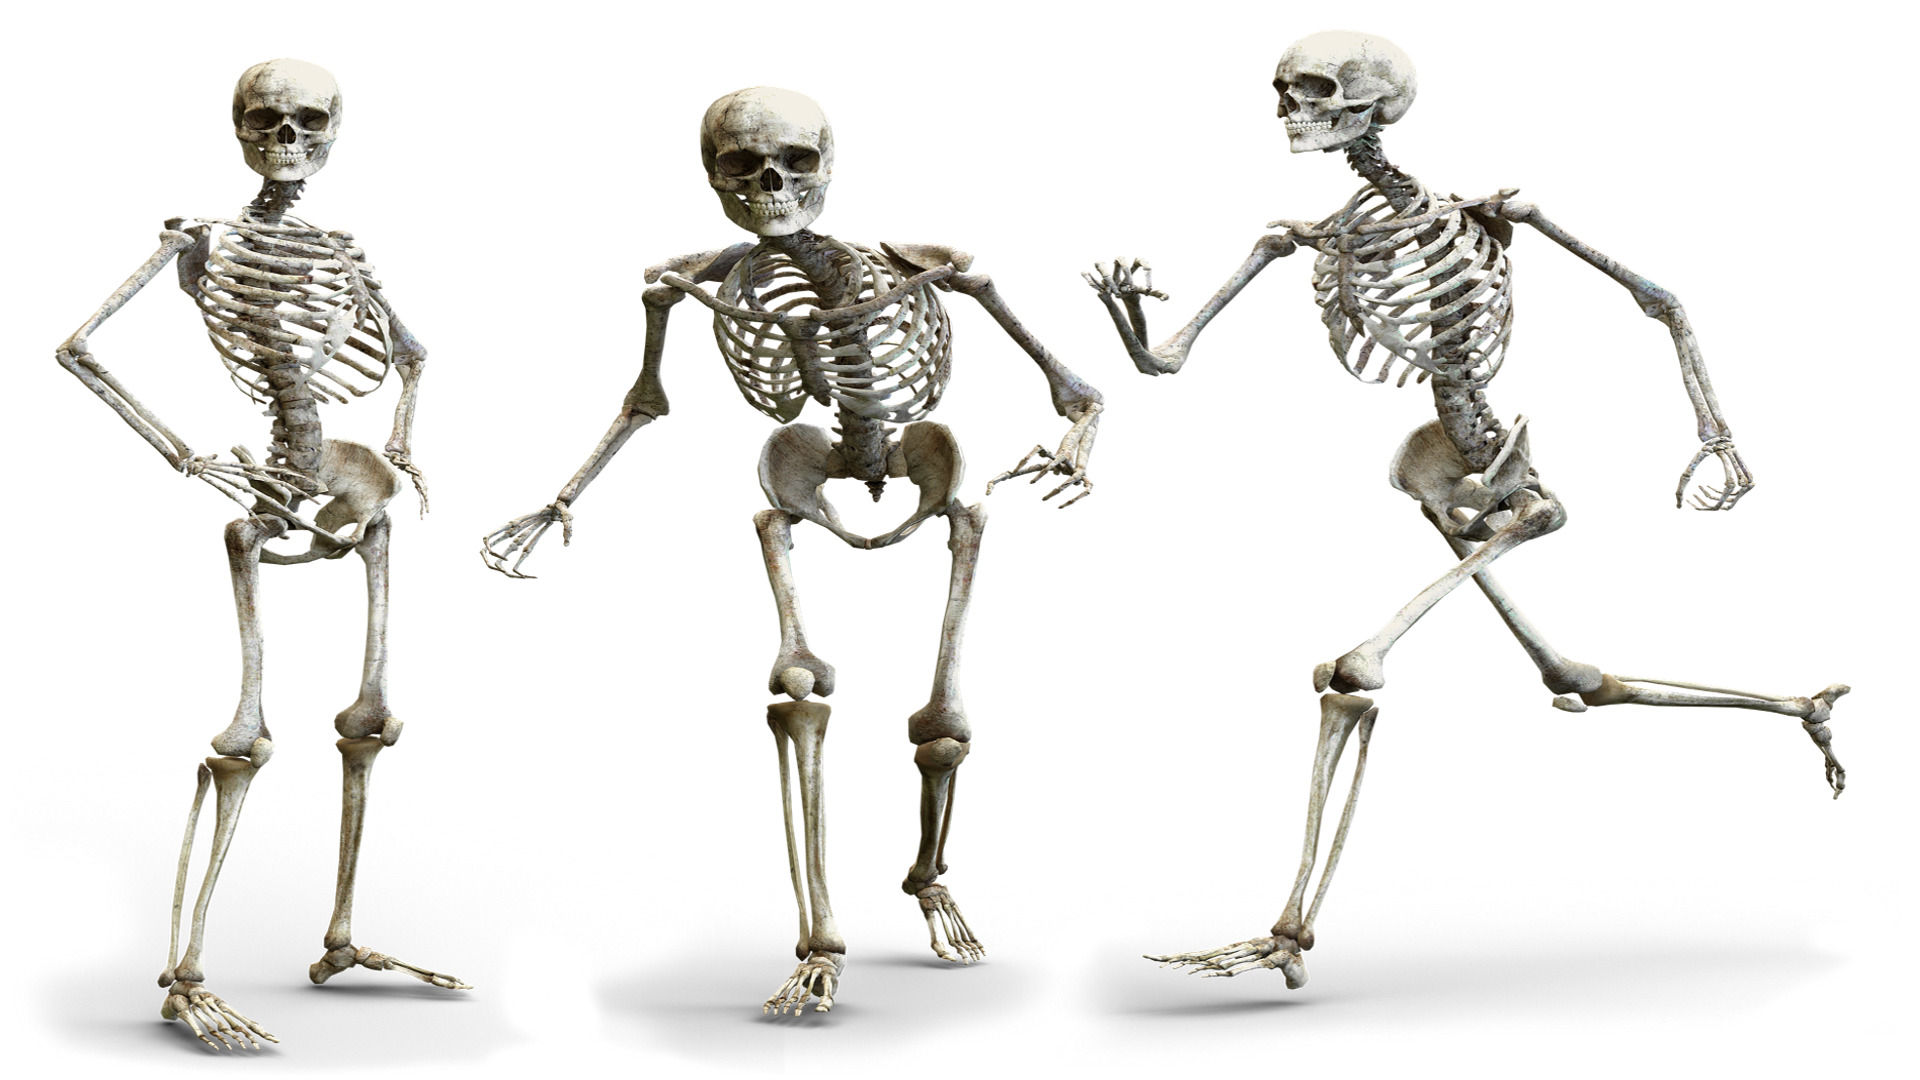 Los cadáveres no se quedan quietos el cuerpo se desplaza ligeramente.1920